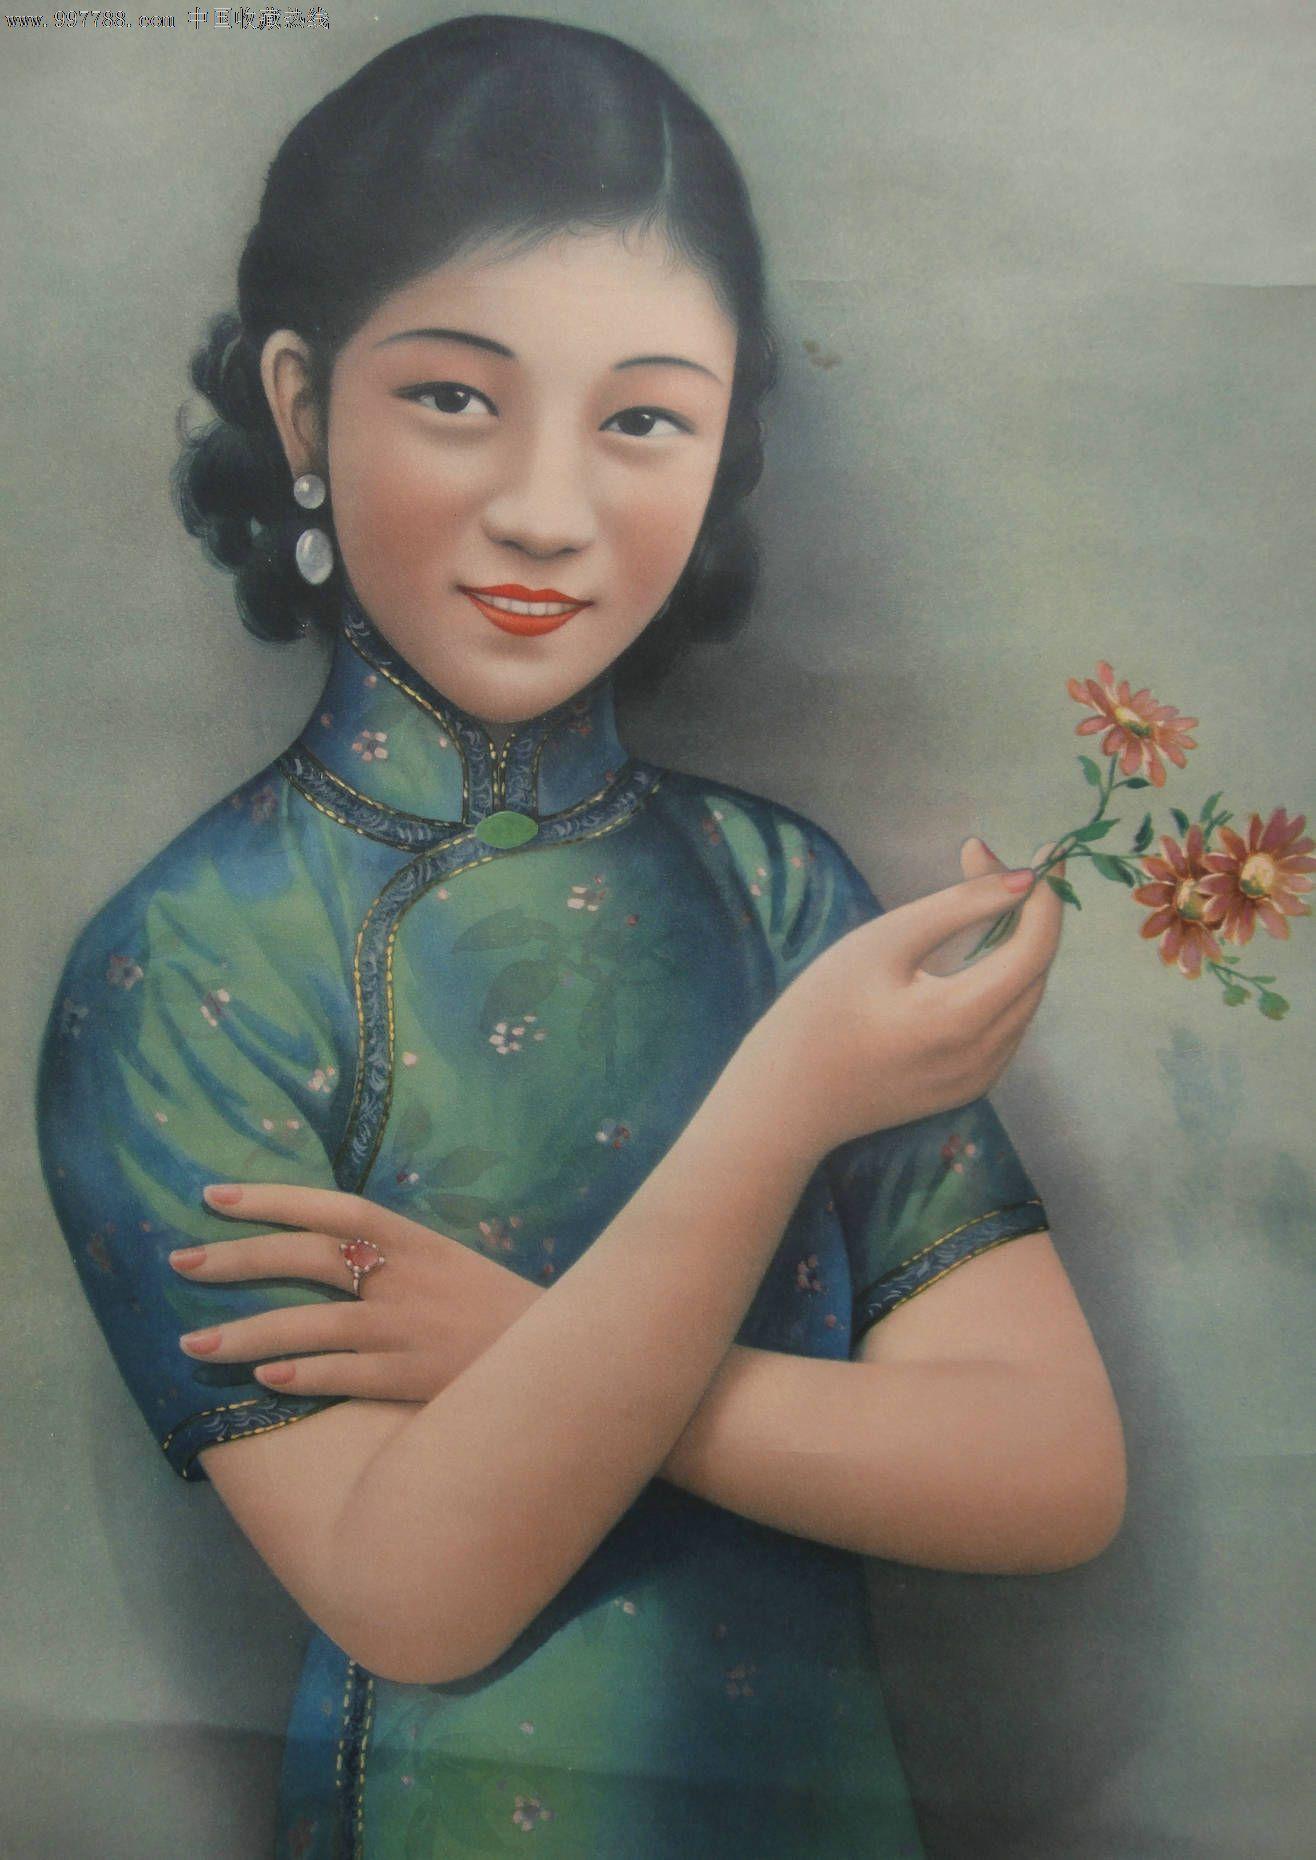 胡伯翔-哈德门香烟-民国美女-旗袍美女-烟广告画-在中国印刷